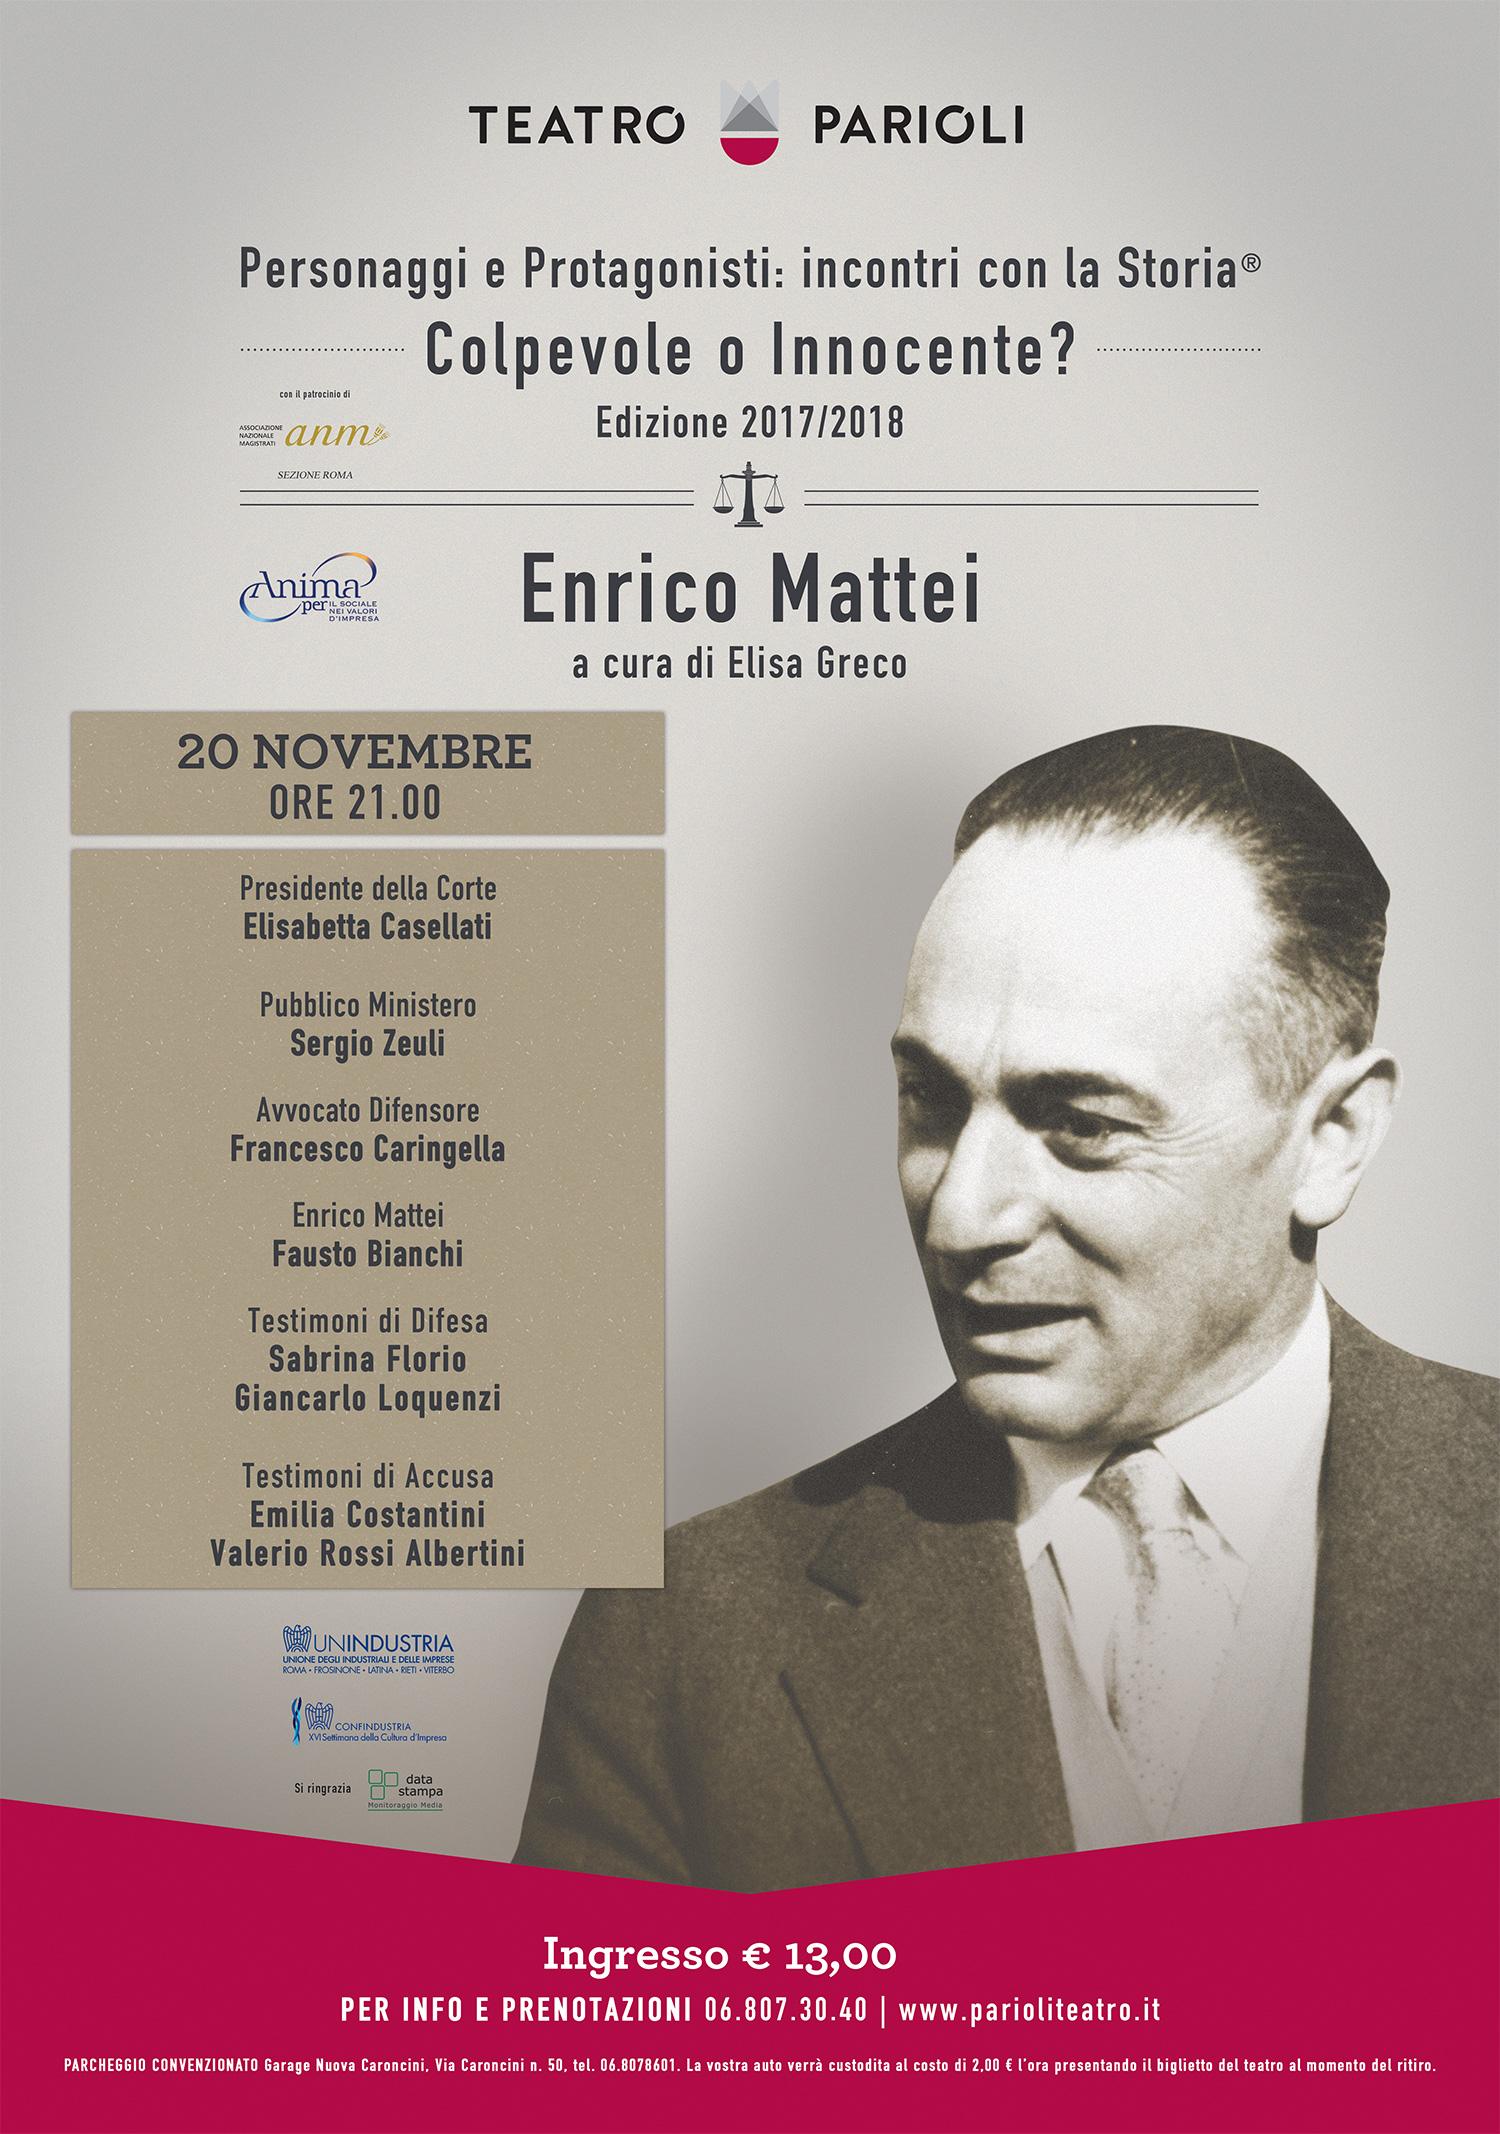 Enrico Mattei_20 novembre 2017